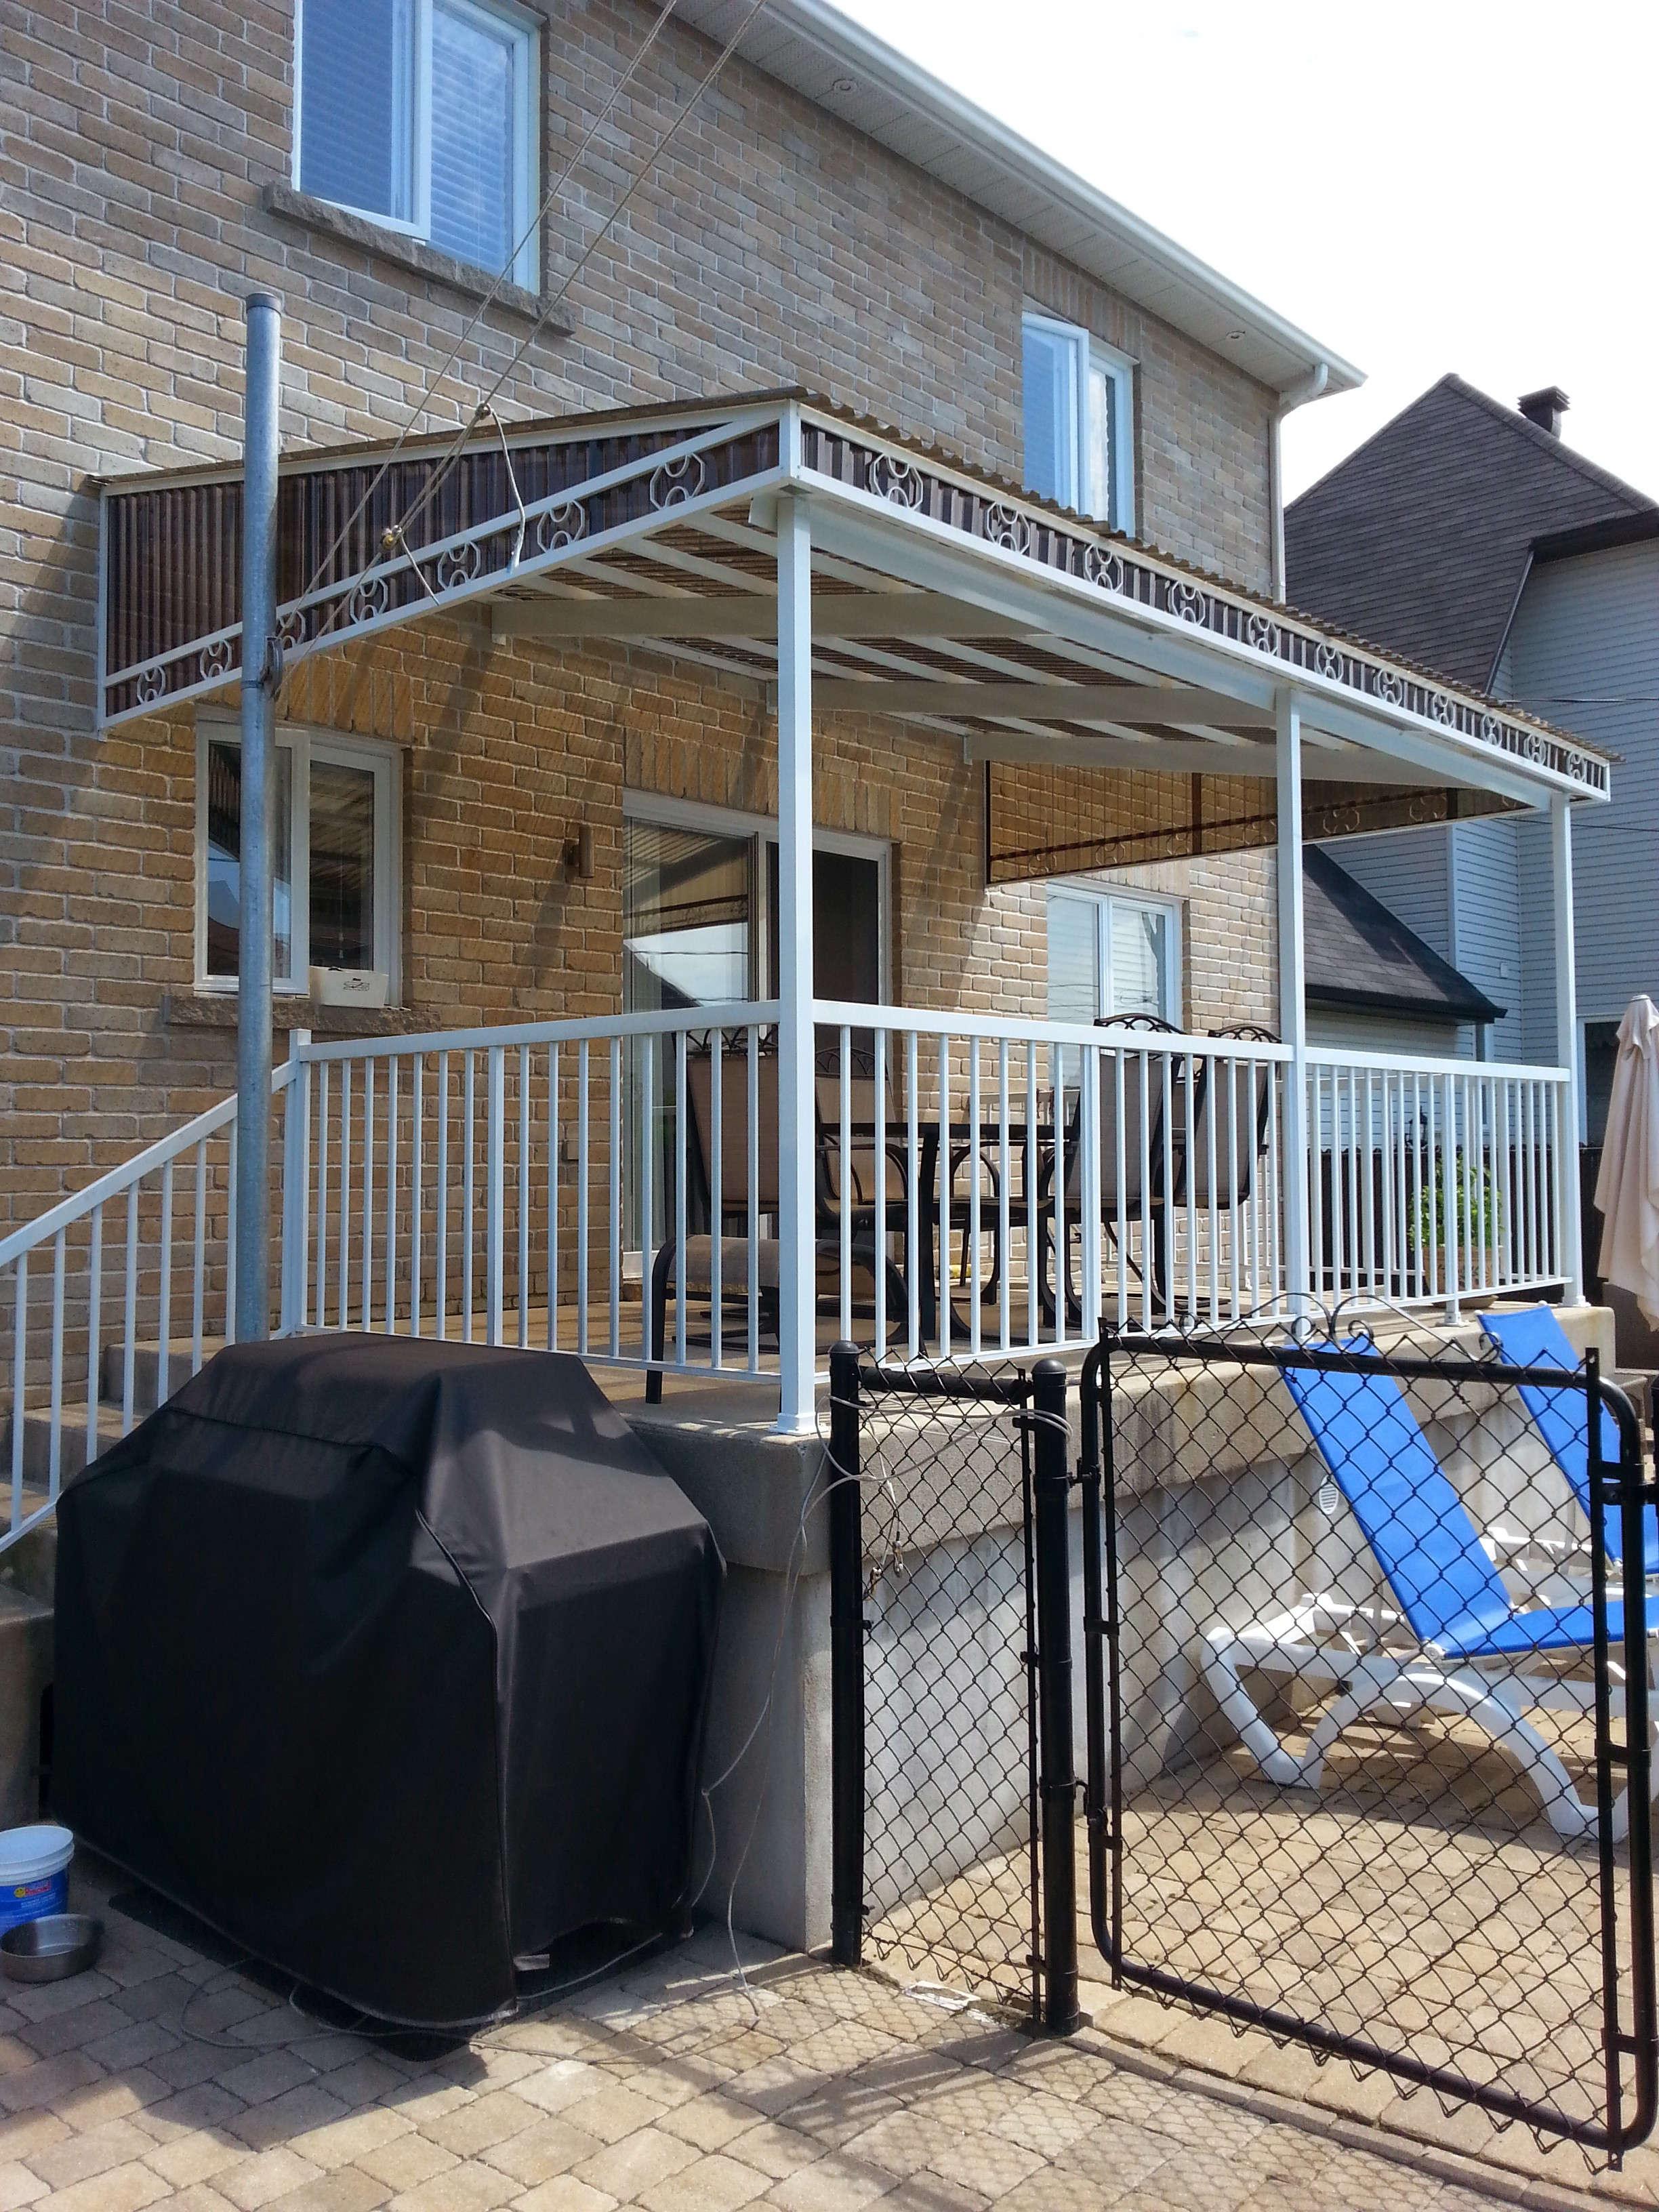 r alisations de balcons escaliers rampes et auvents balcons de fibre de verre et de balcons. Black Bedroom Furniture Sets. Home Design Ideas